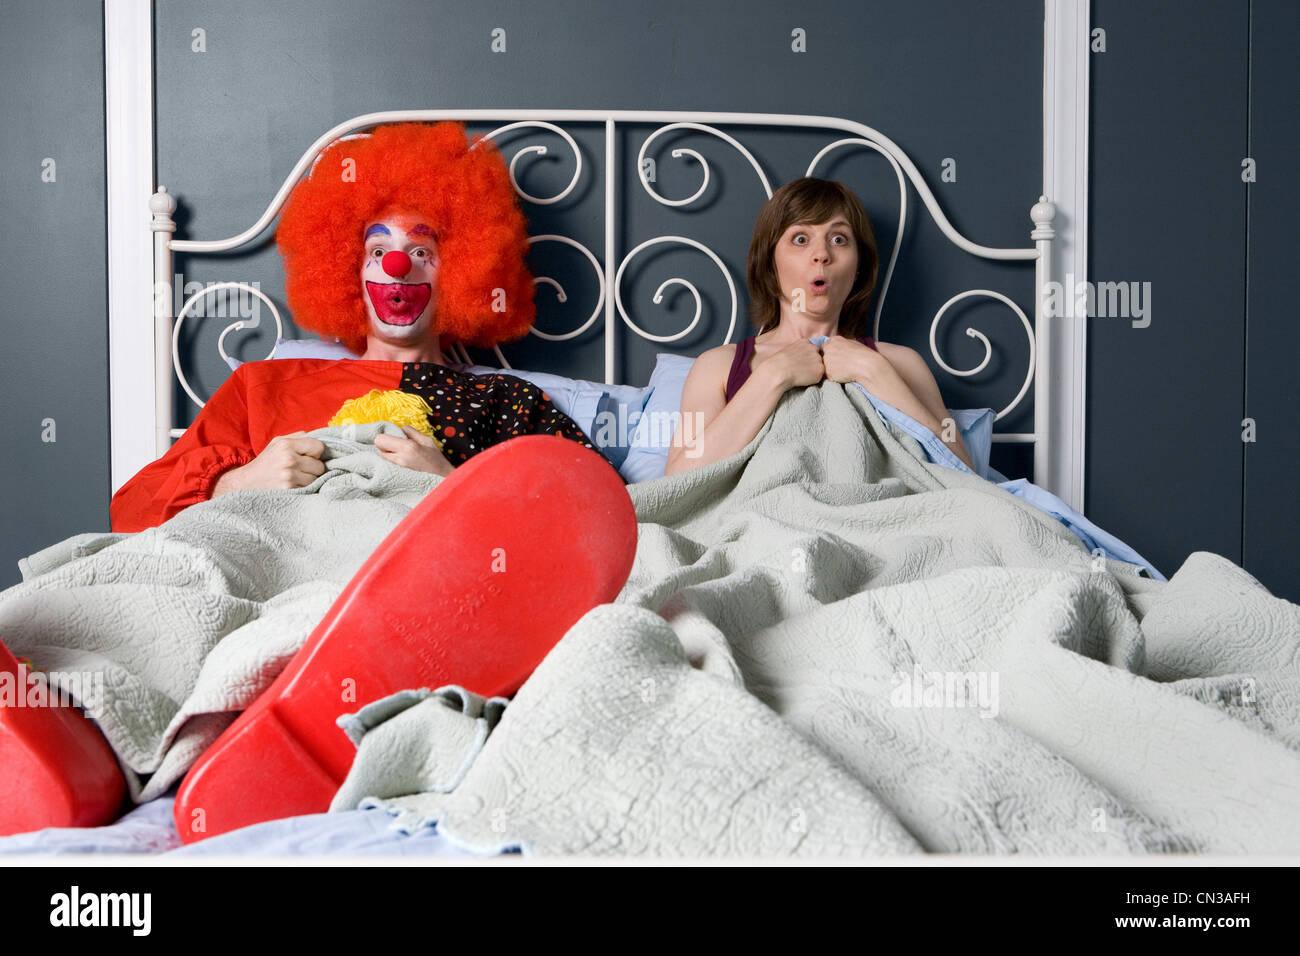 Clown und Frau finden sich zusammen im Bett überrascht Stockbild